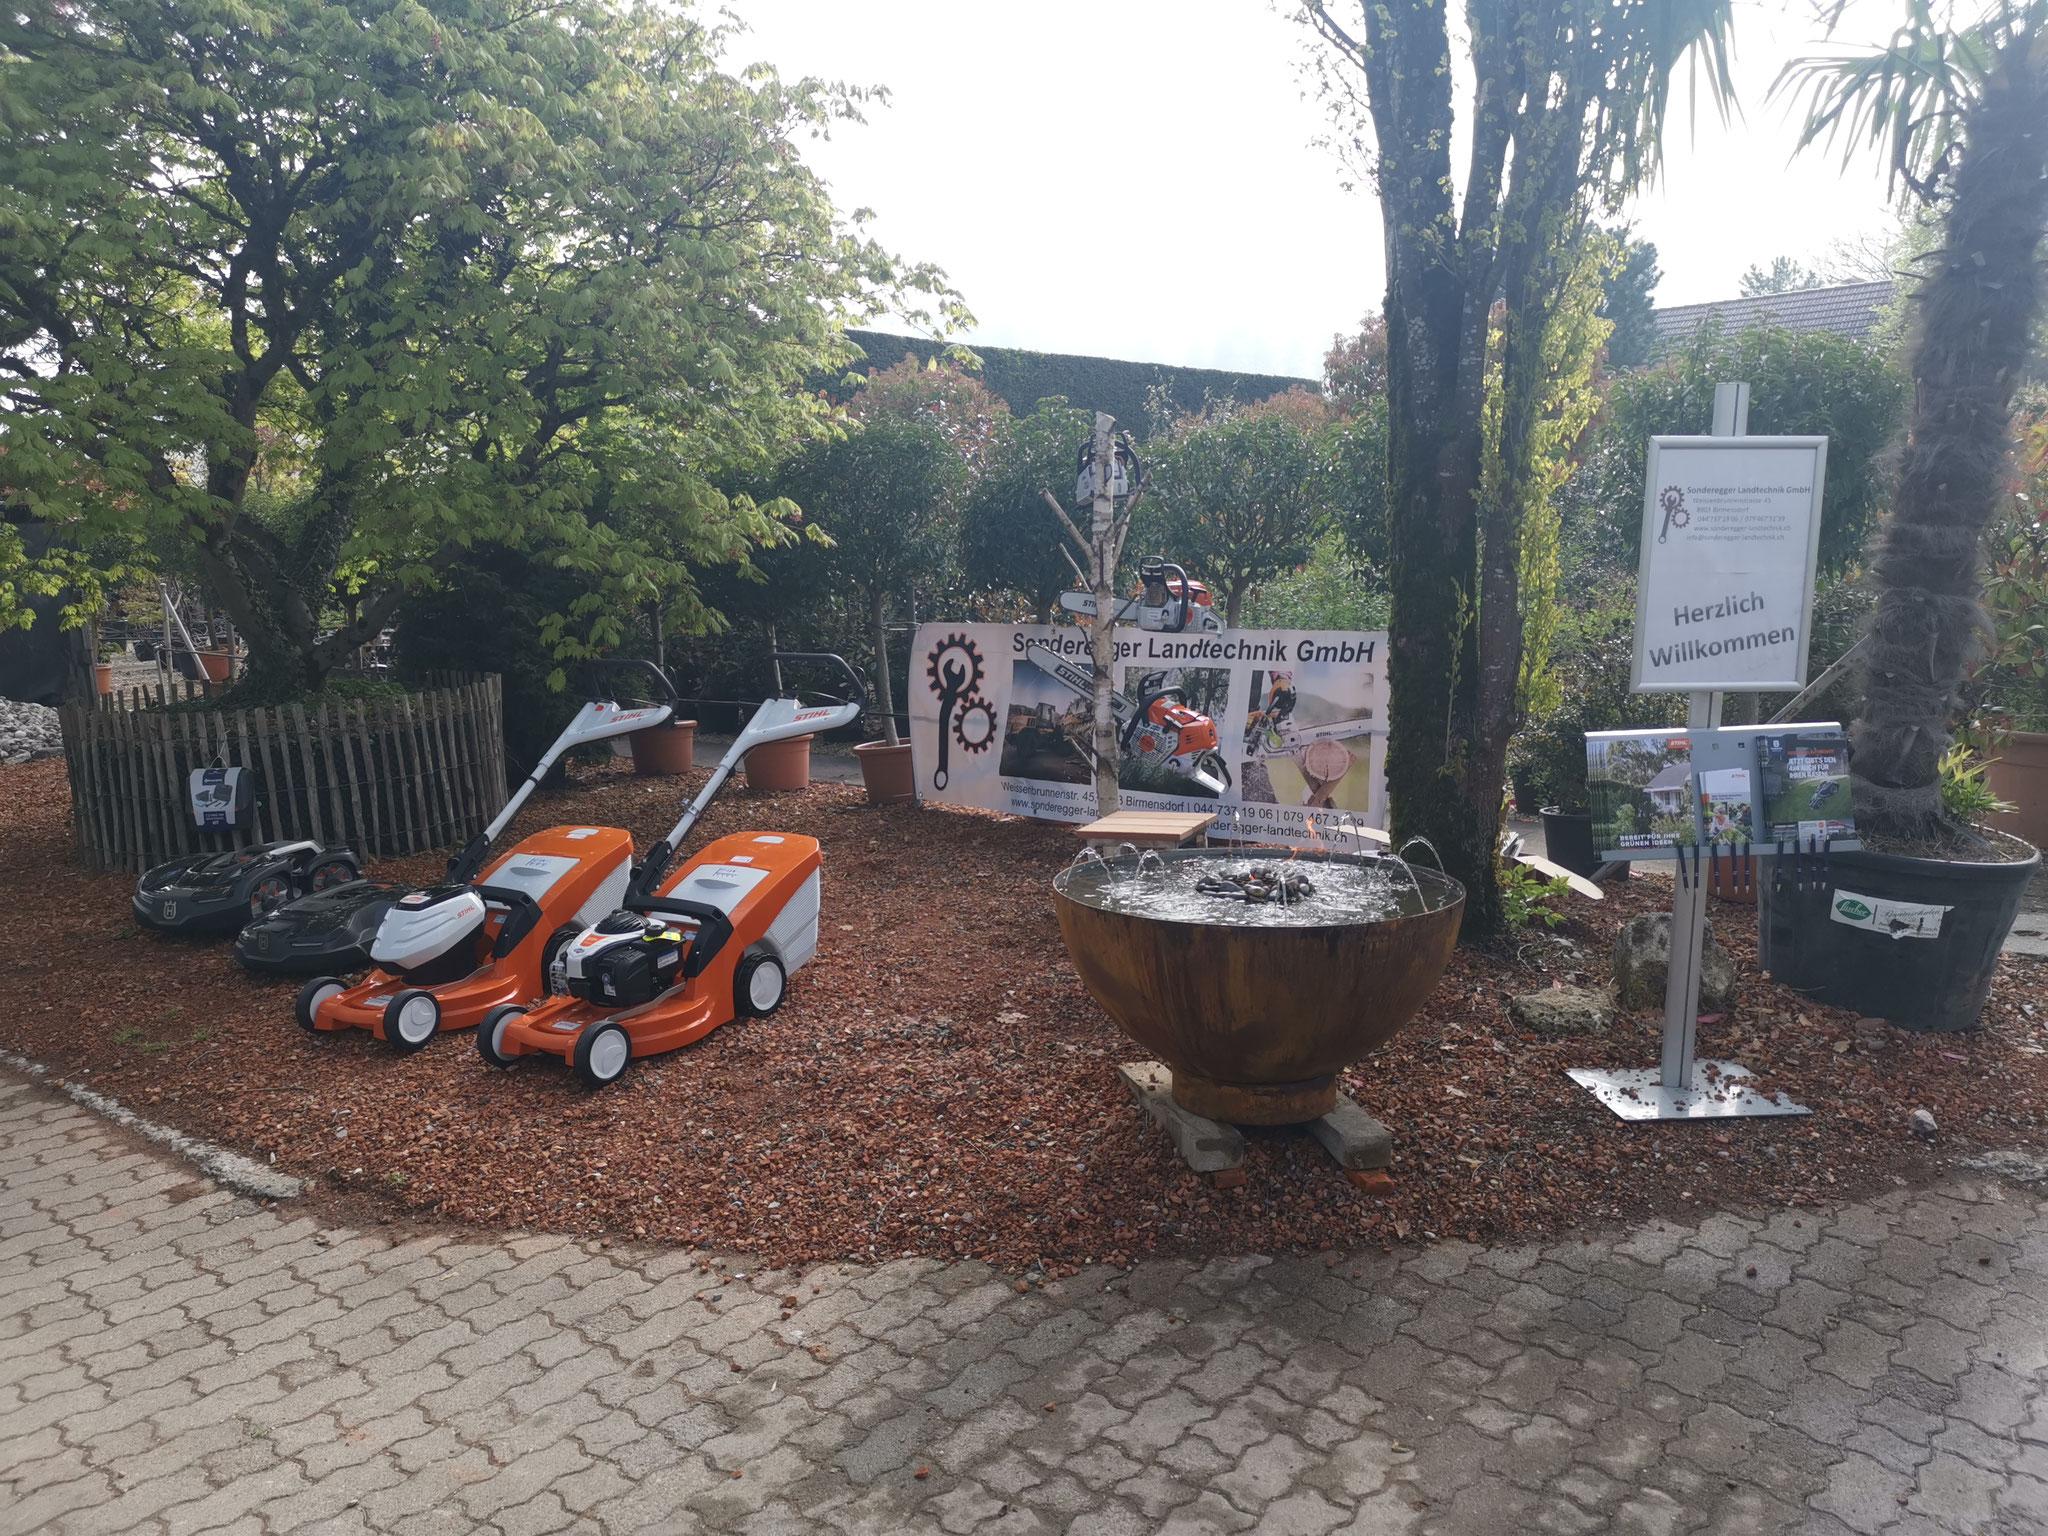 Am 01. Mai 2019 durften wir mit einem Stand wie auch schon in den vergangenen Jahren am Aescher Gartentag uns und unsere Produkte vorstellen.